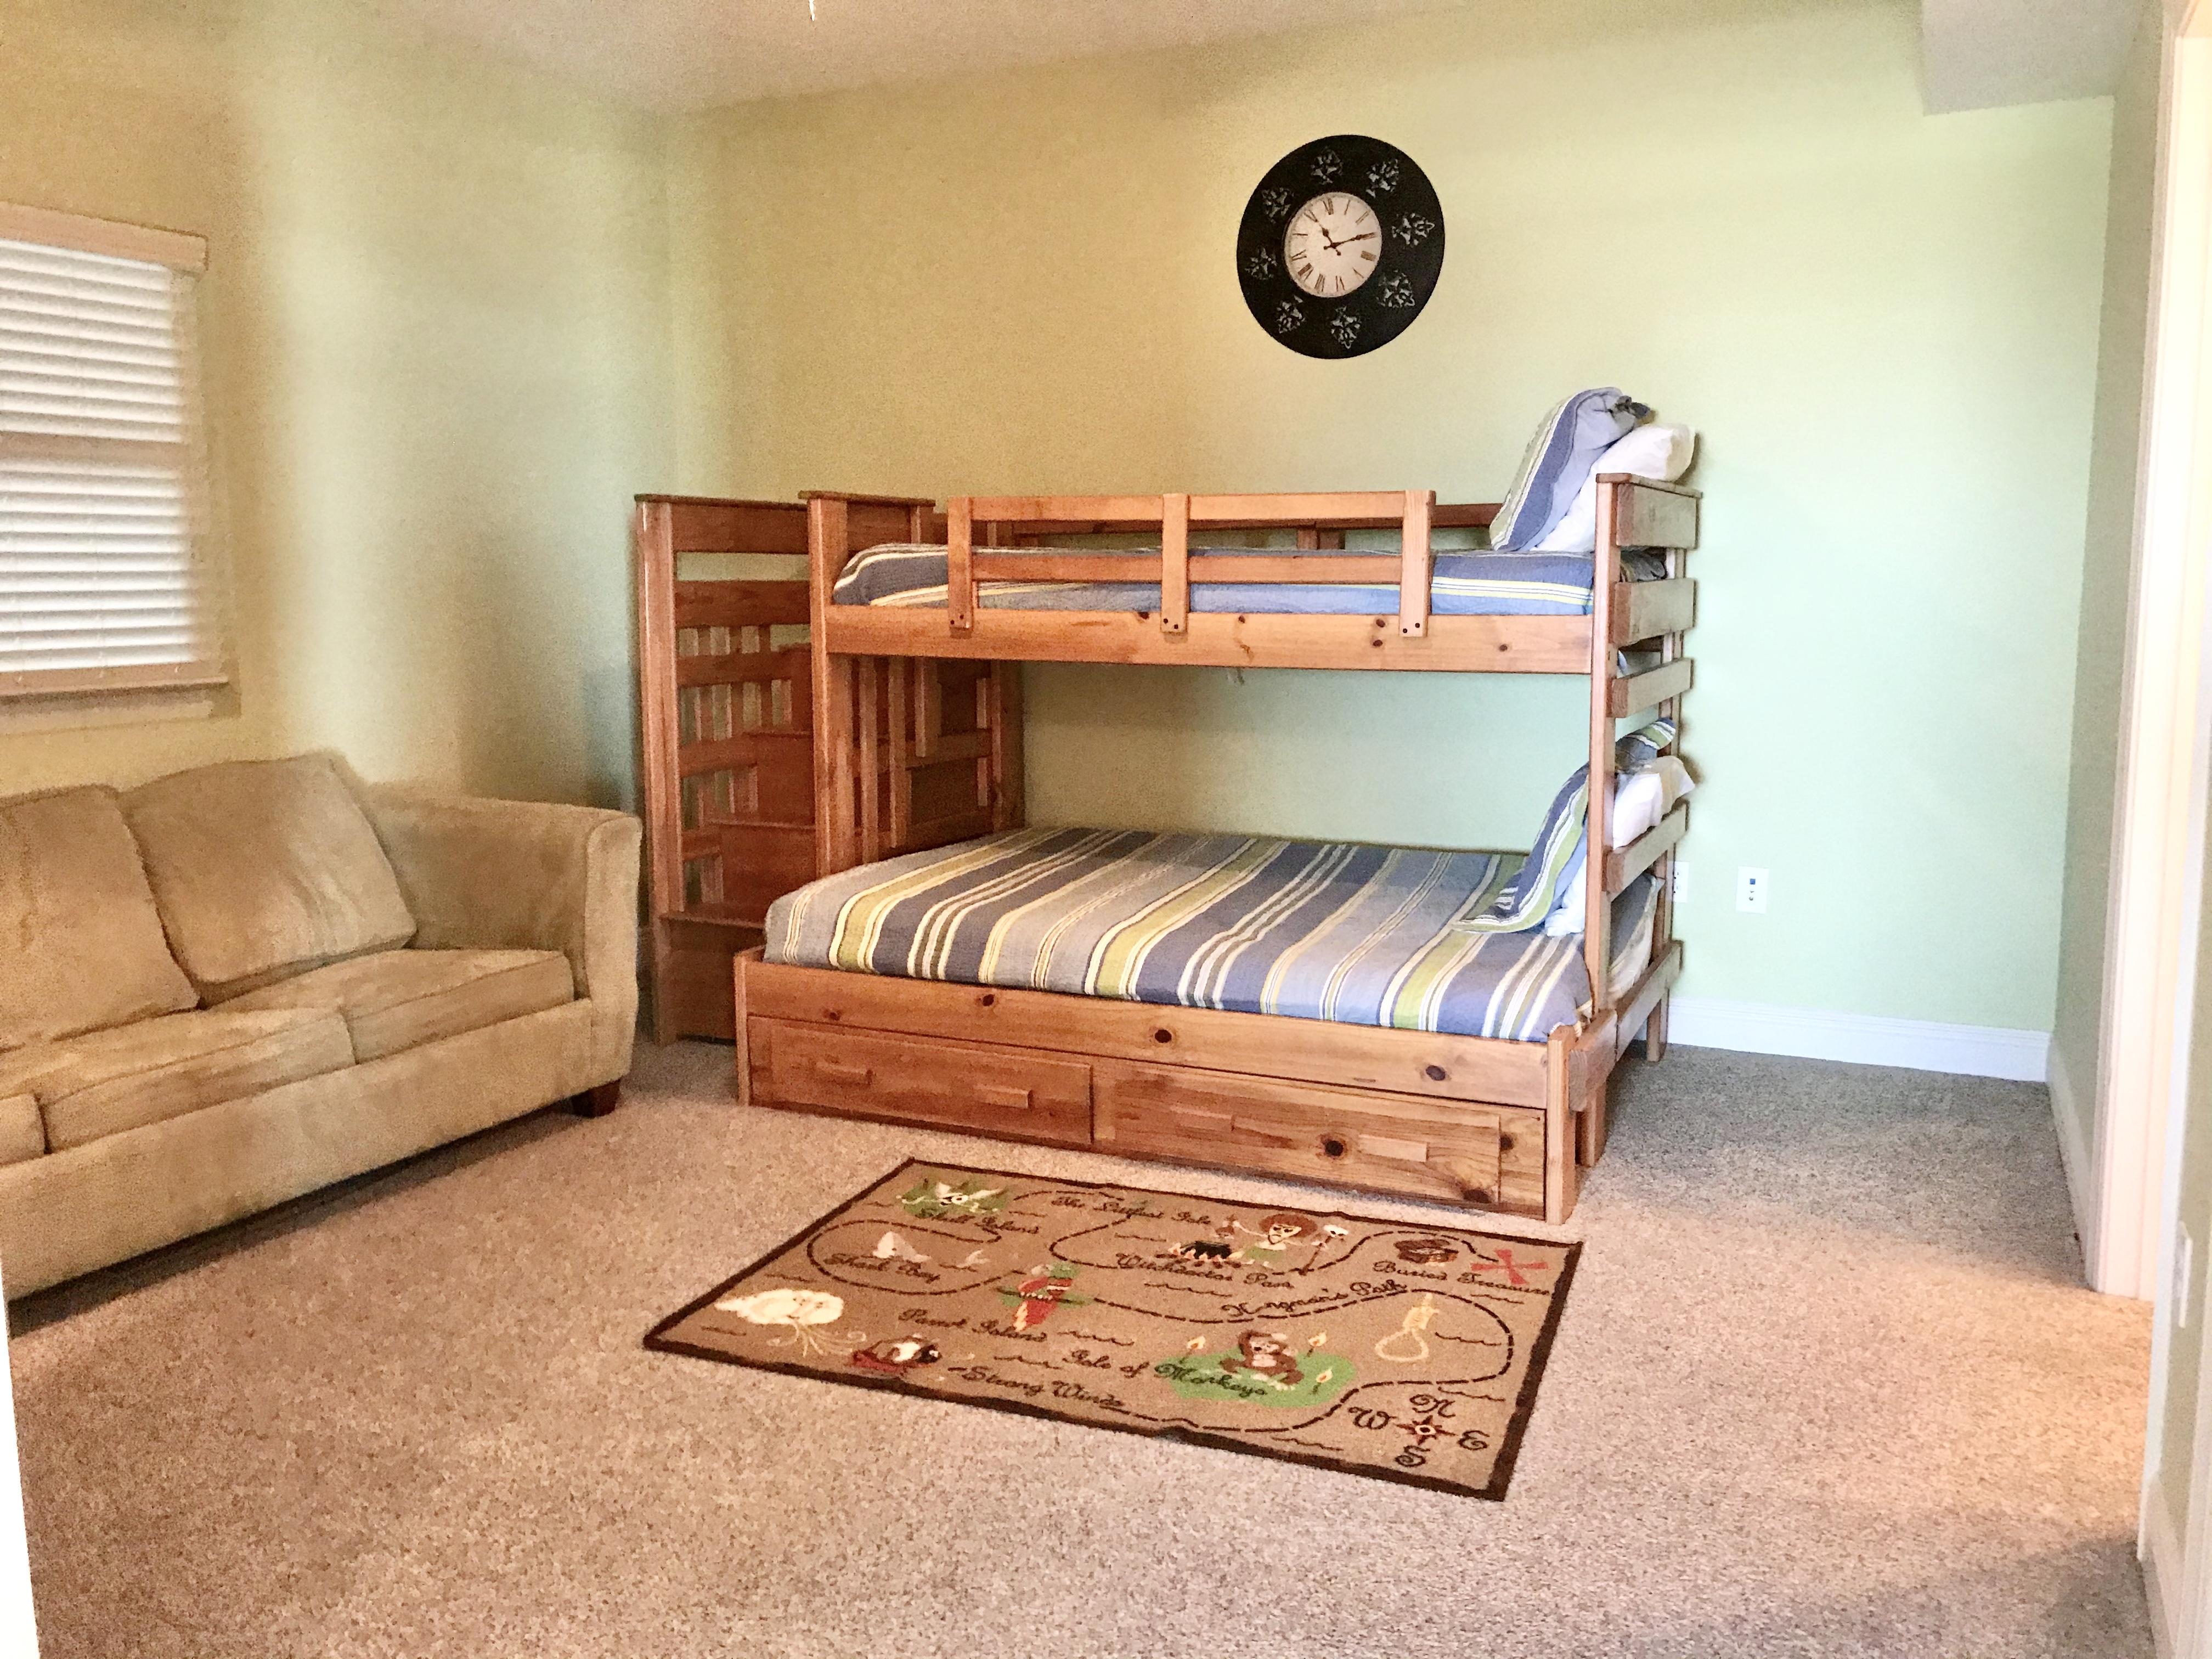 Mustique 401 Condo rental in Mustique in Gulf Shores Alabama - #48